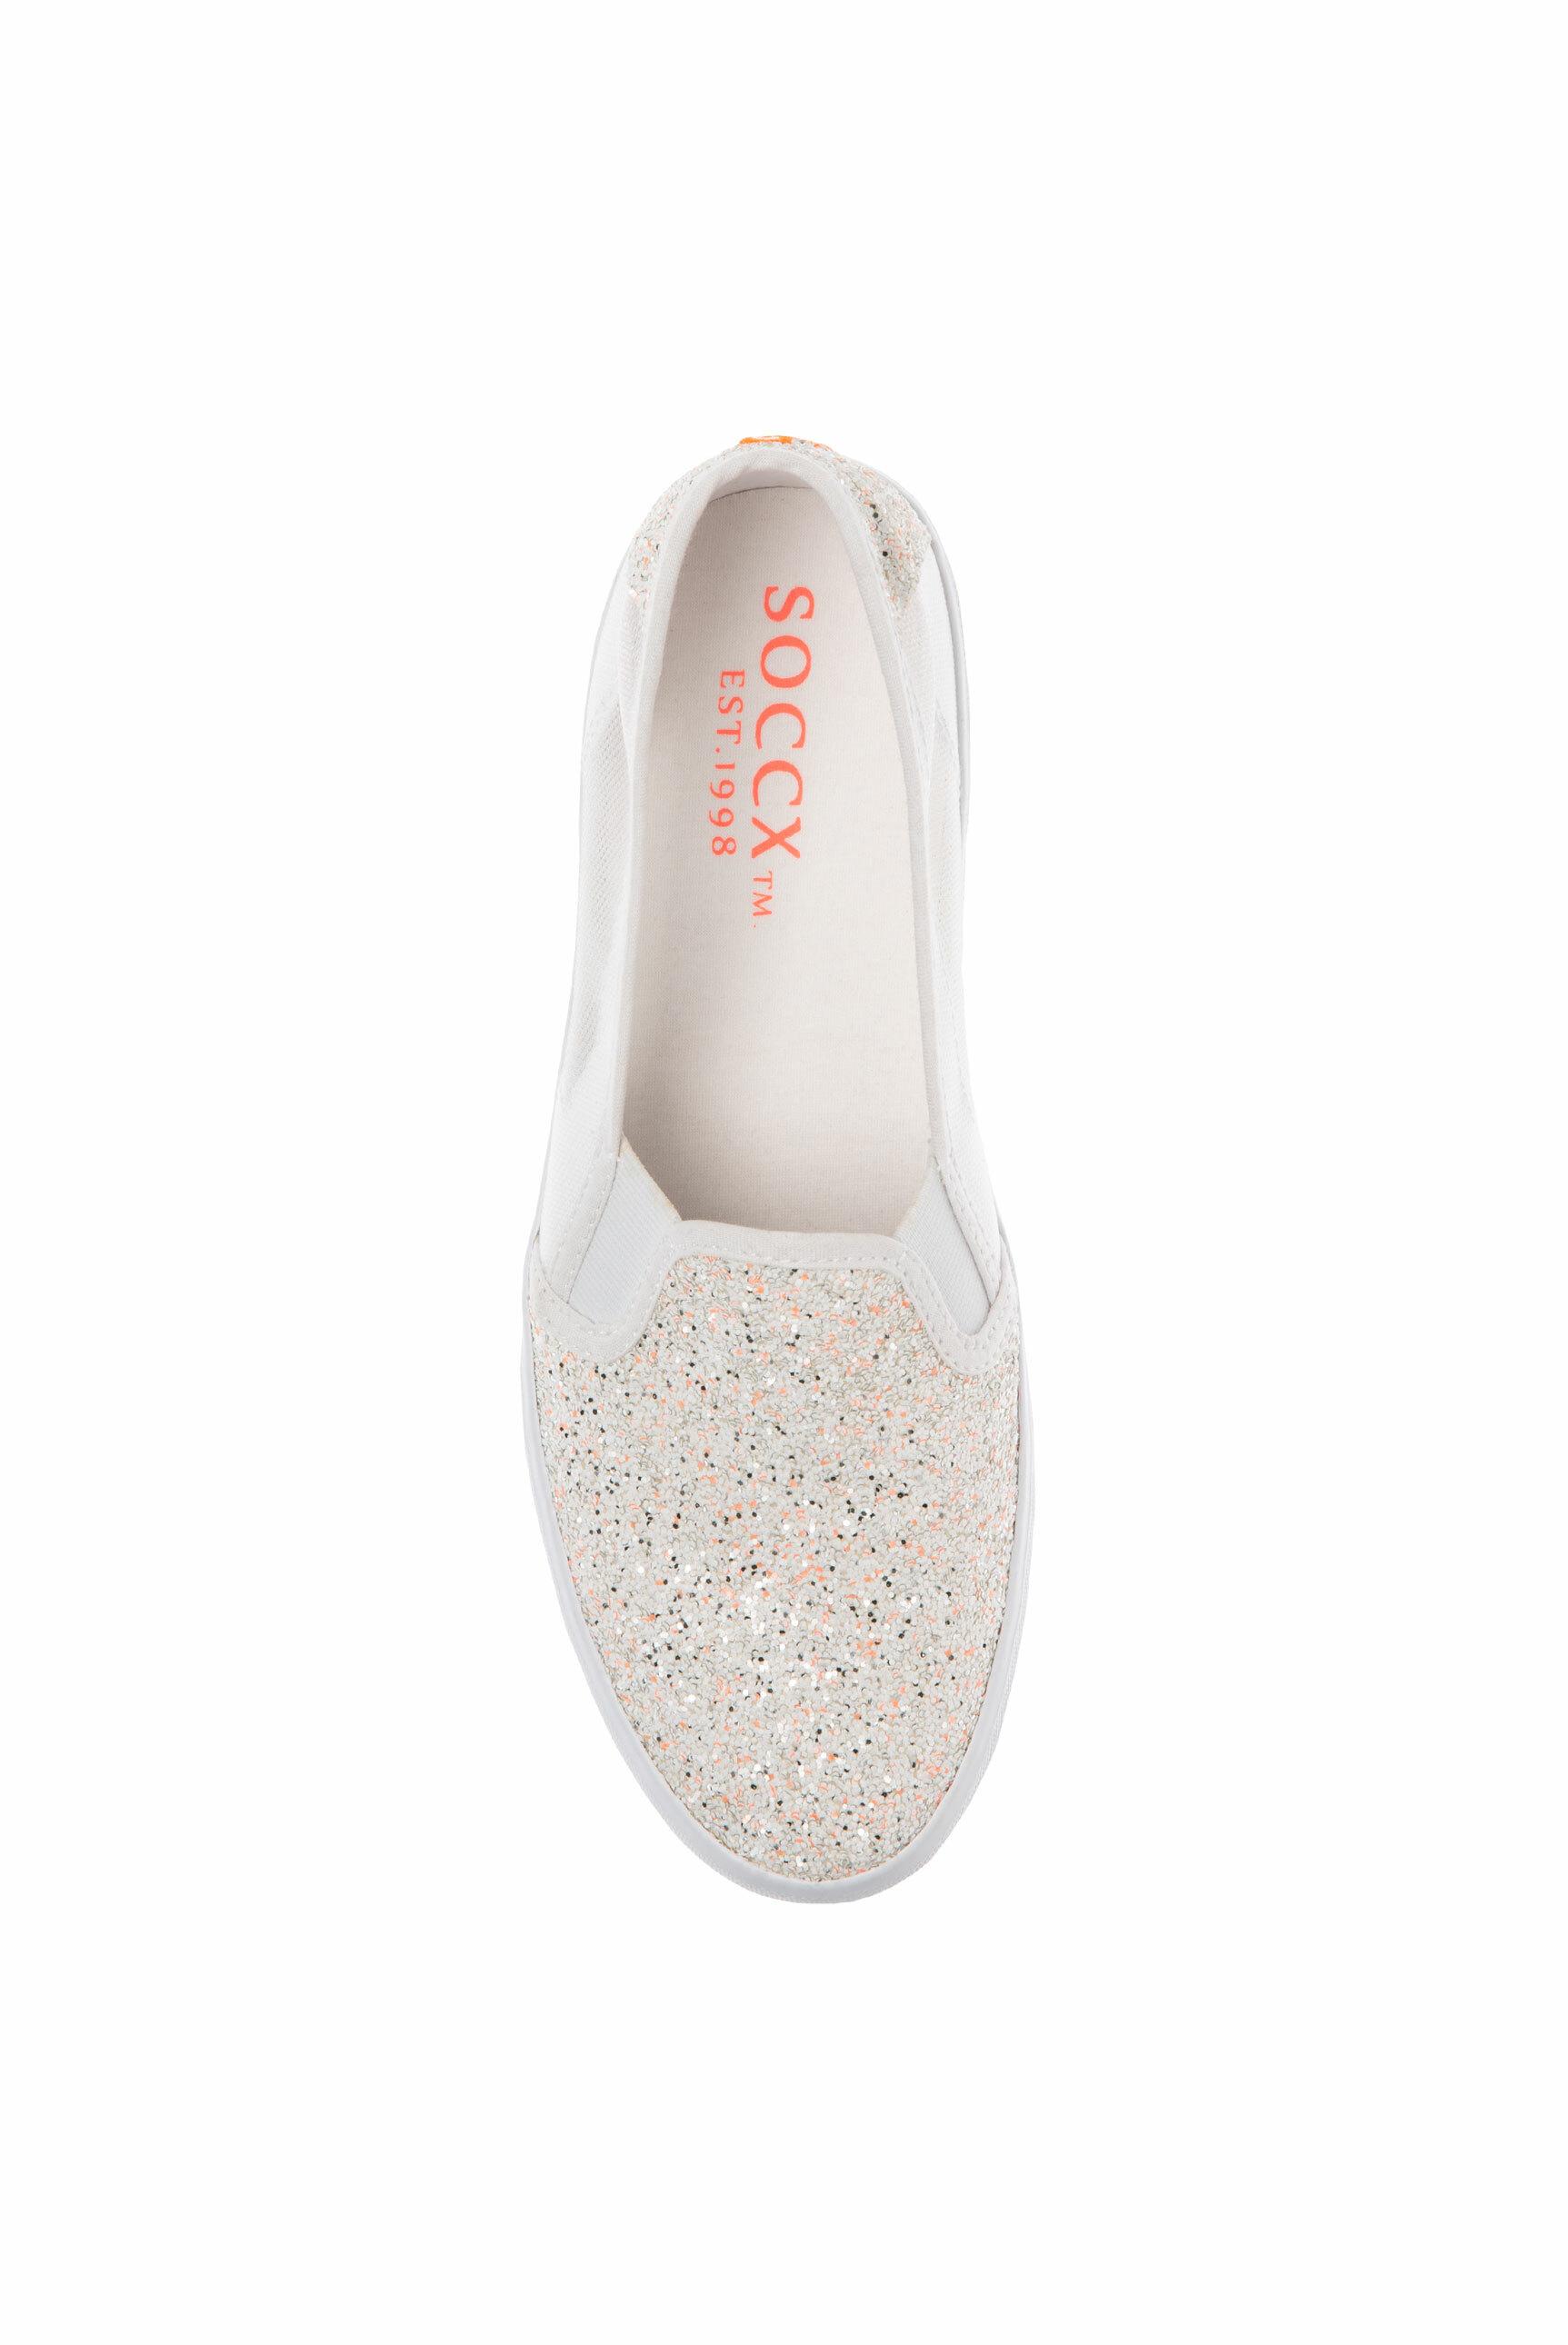 Sneaker im Ballerina-Stil mit Mesh-Einsätzen